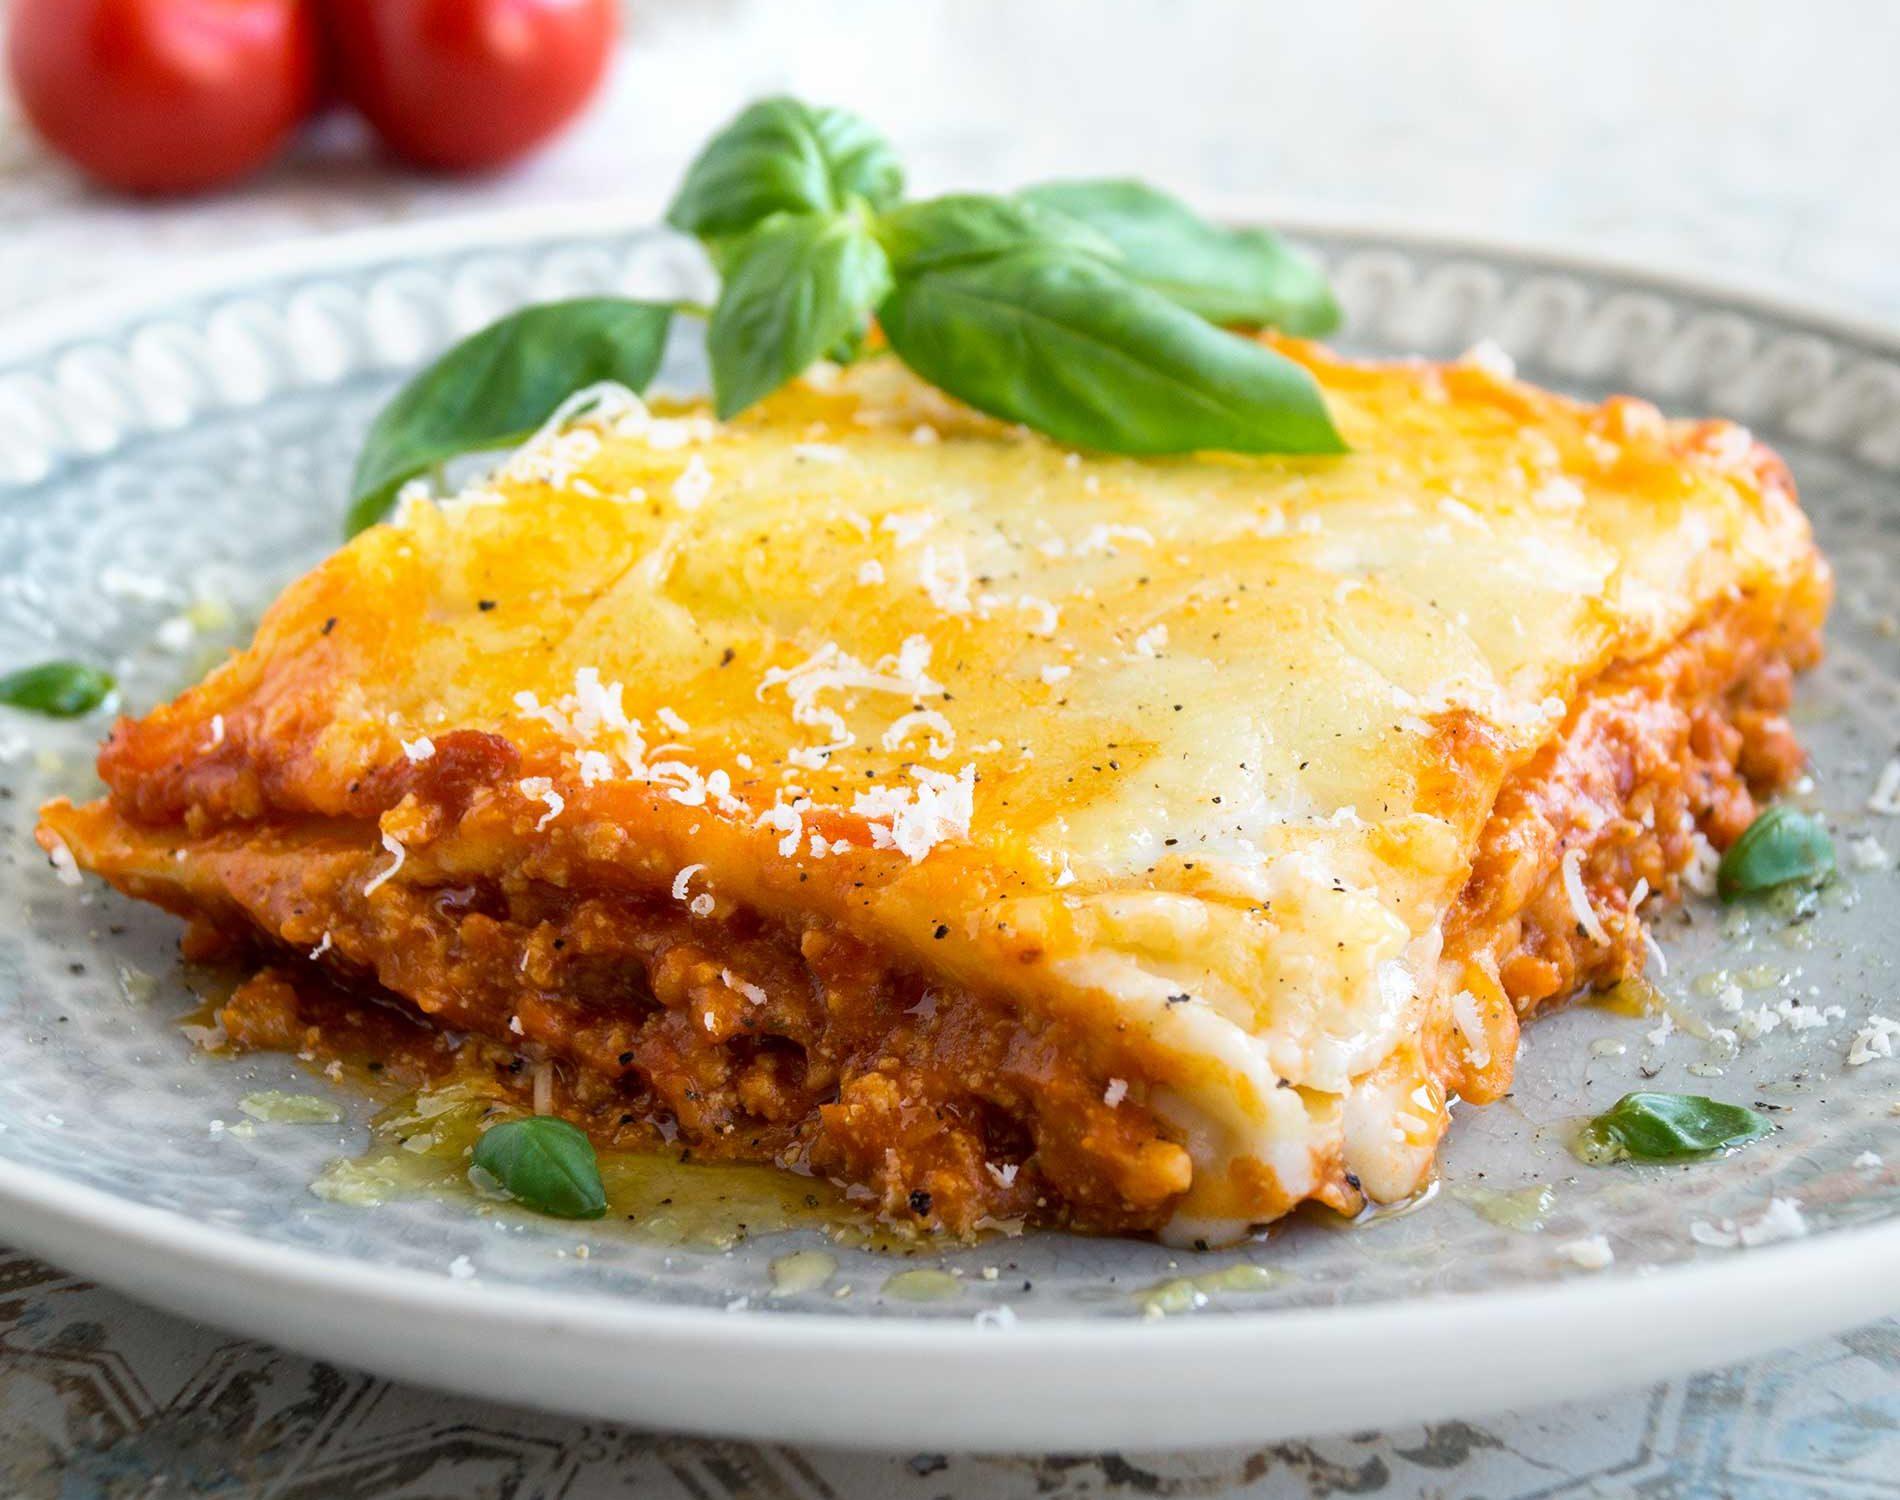 Ein Stück Lasagne